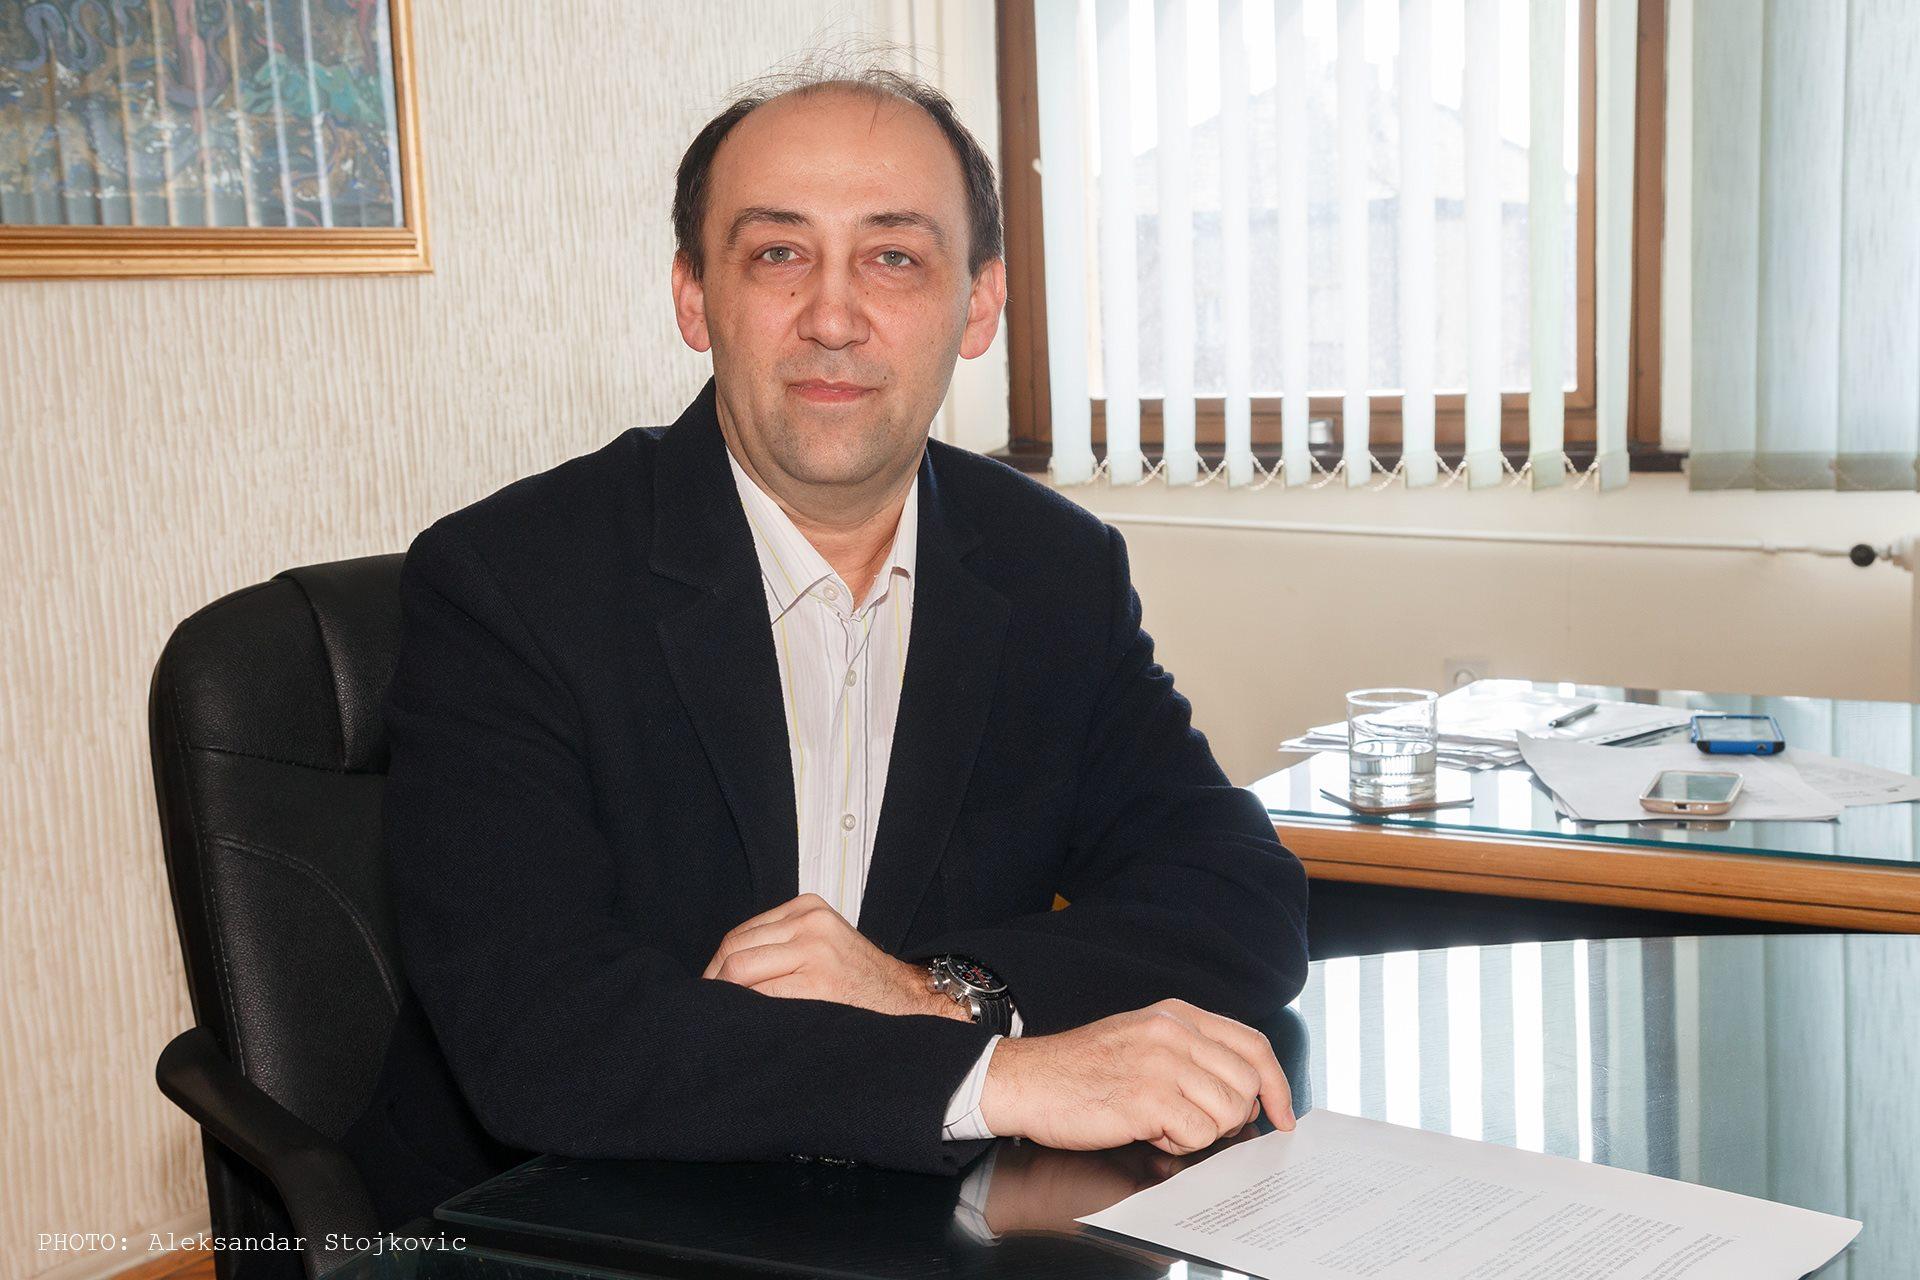 Nebojša Gajić